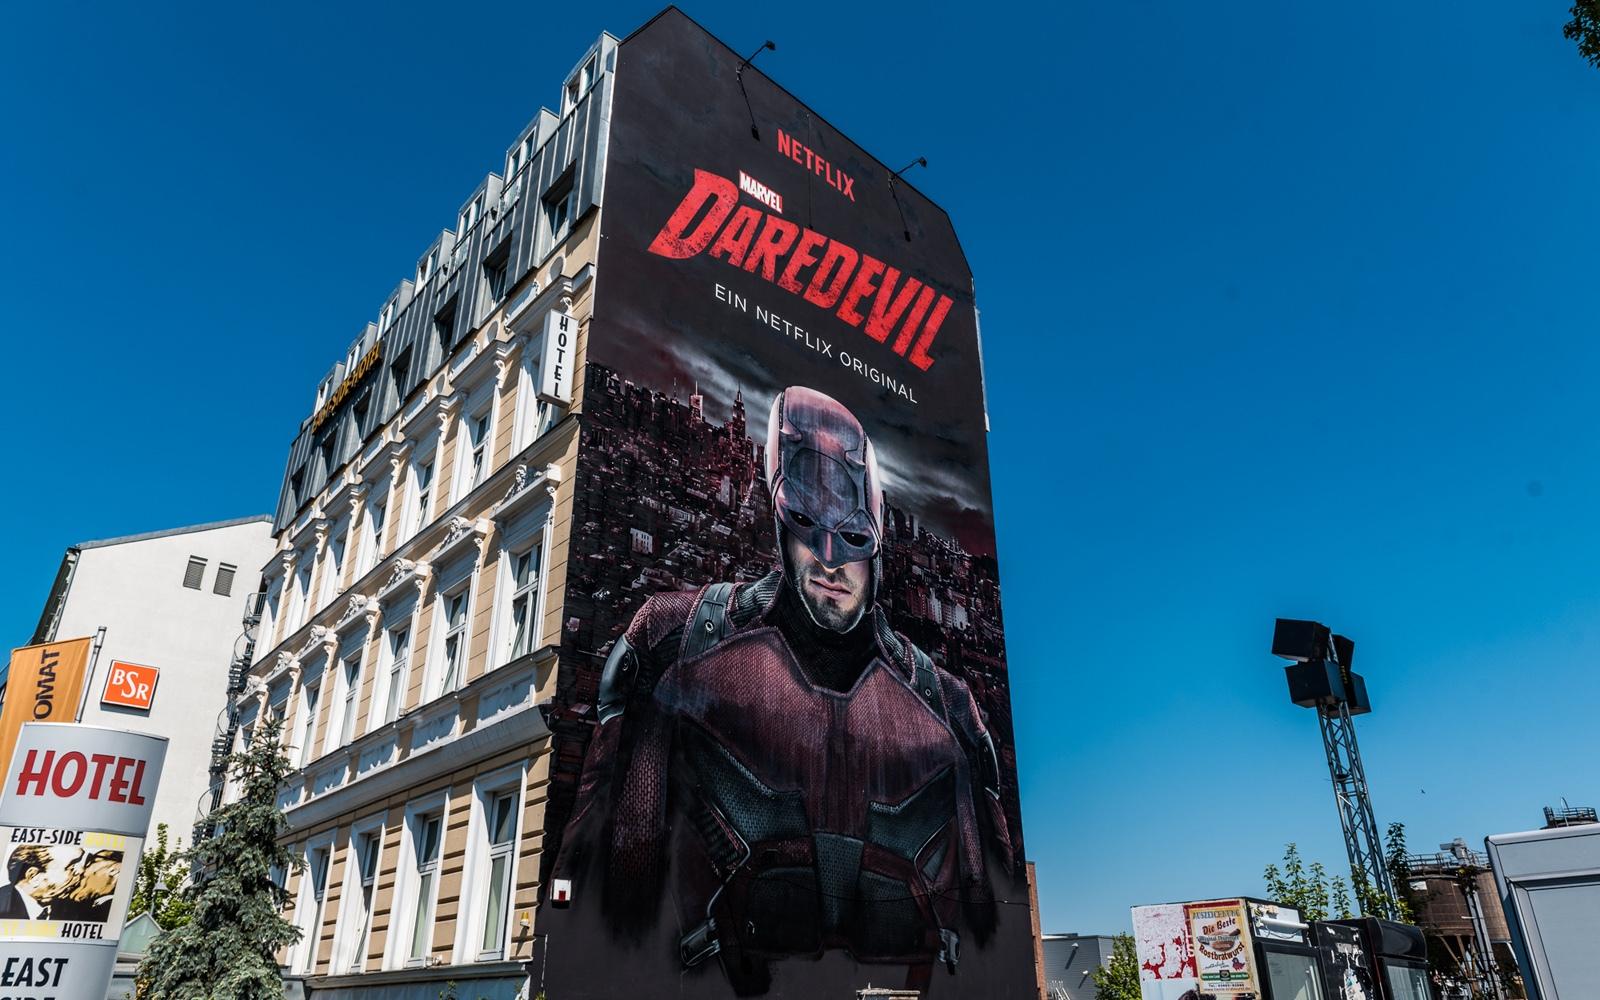 Daredevil wacht über Berlin. CROMATICS hat den Teufel an die Wand gemalt.